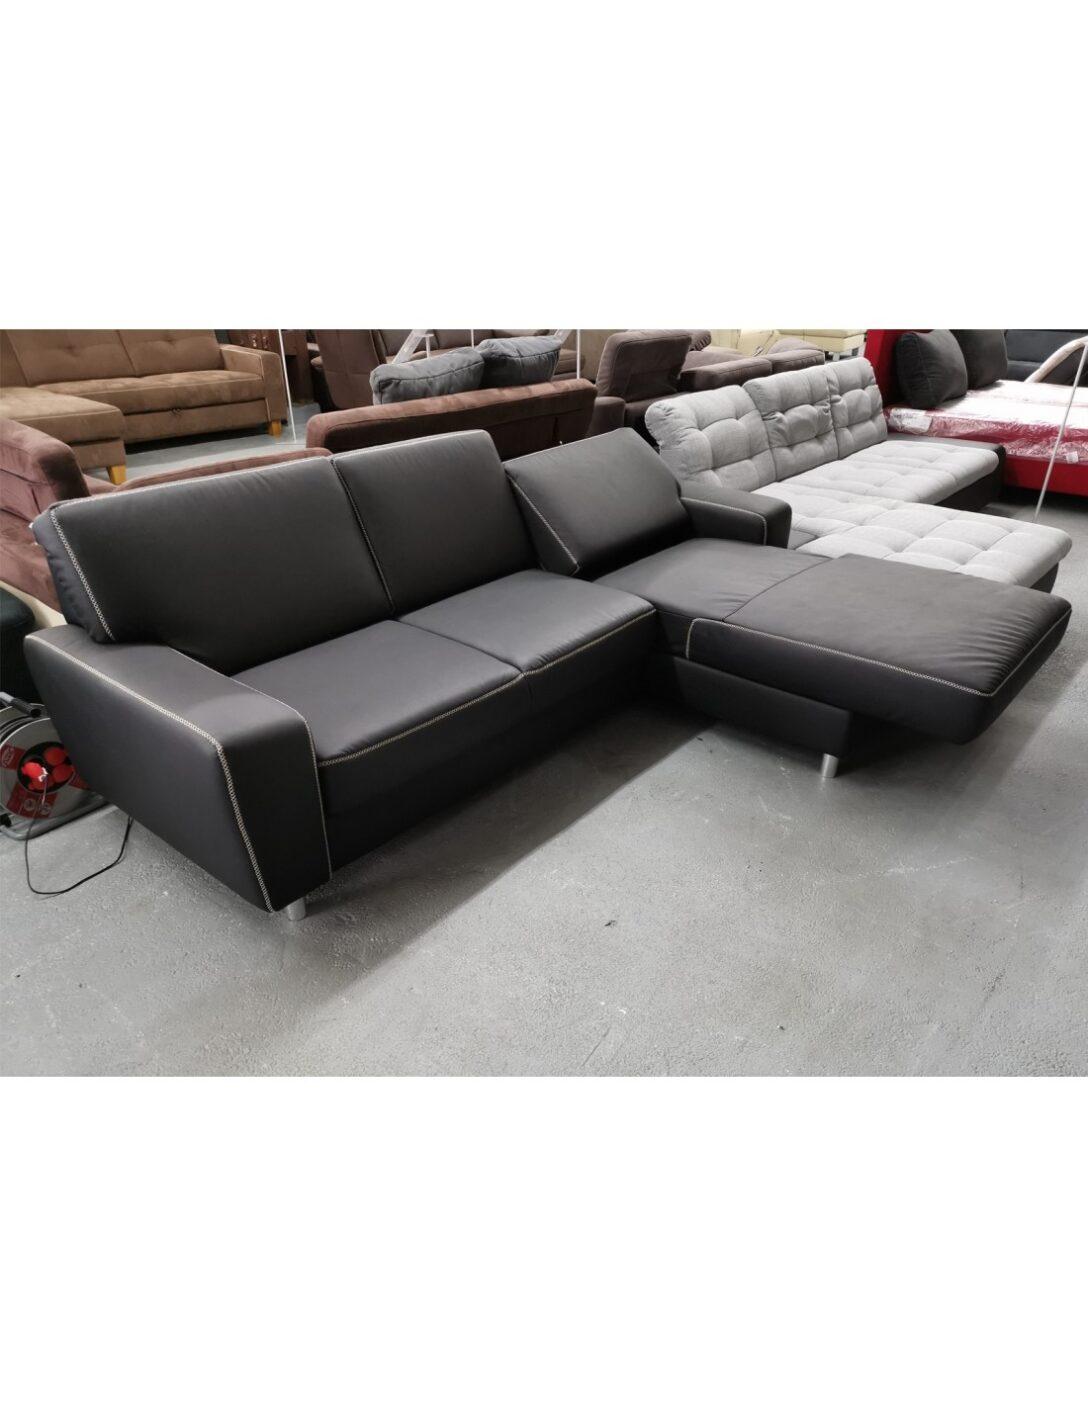 Large Size of Couch Mit Relaxfunktion Elektrisch Verstellbar 3 Sitzer 3er Sofa Elektrischer 2er 2 Zweisitzer Ecksofa Test Sitztiefenverstellung 5 Leder Visconti Von Sitmore Sofa Sofa Mit Relaxfunktion Elektrisch